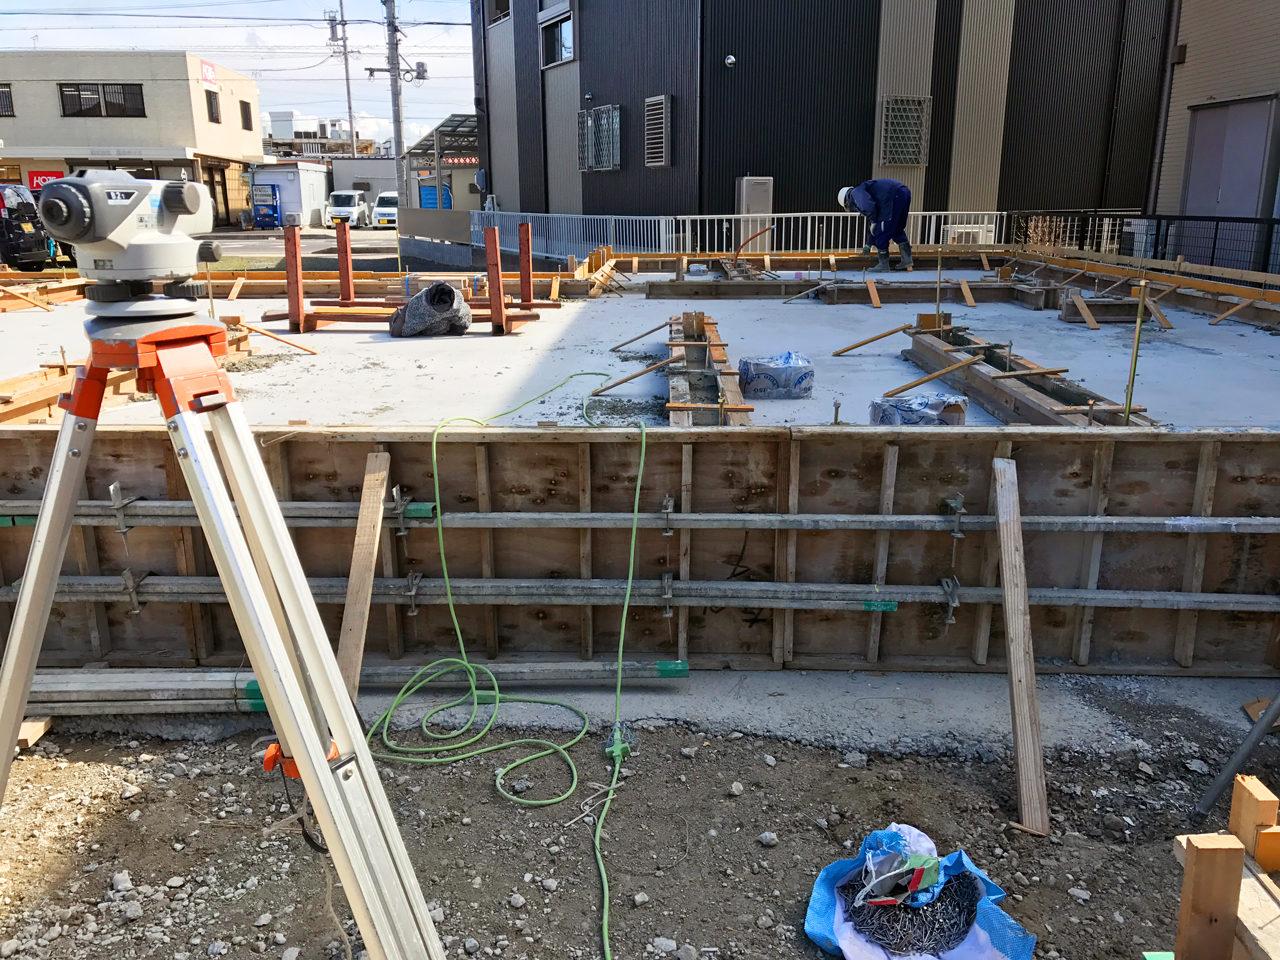 店舗(鍼灸接骨院)付き住宅の基礎コンリート打設後の現場監理